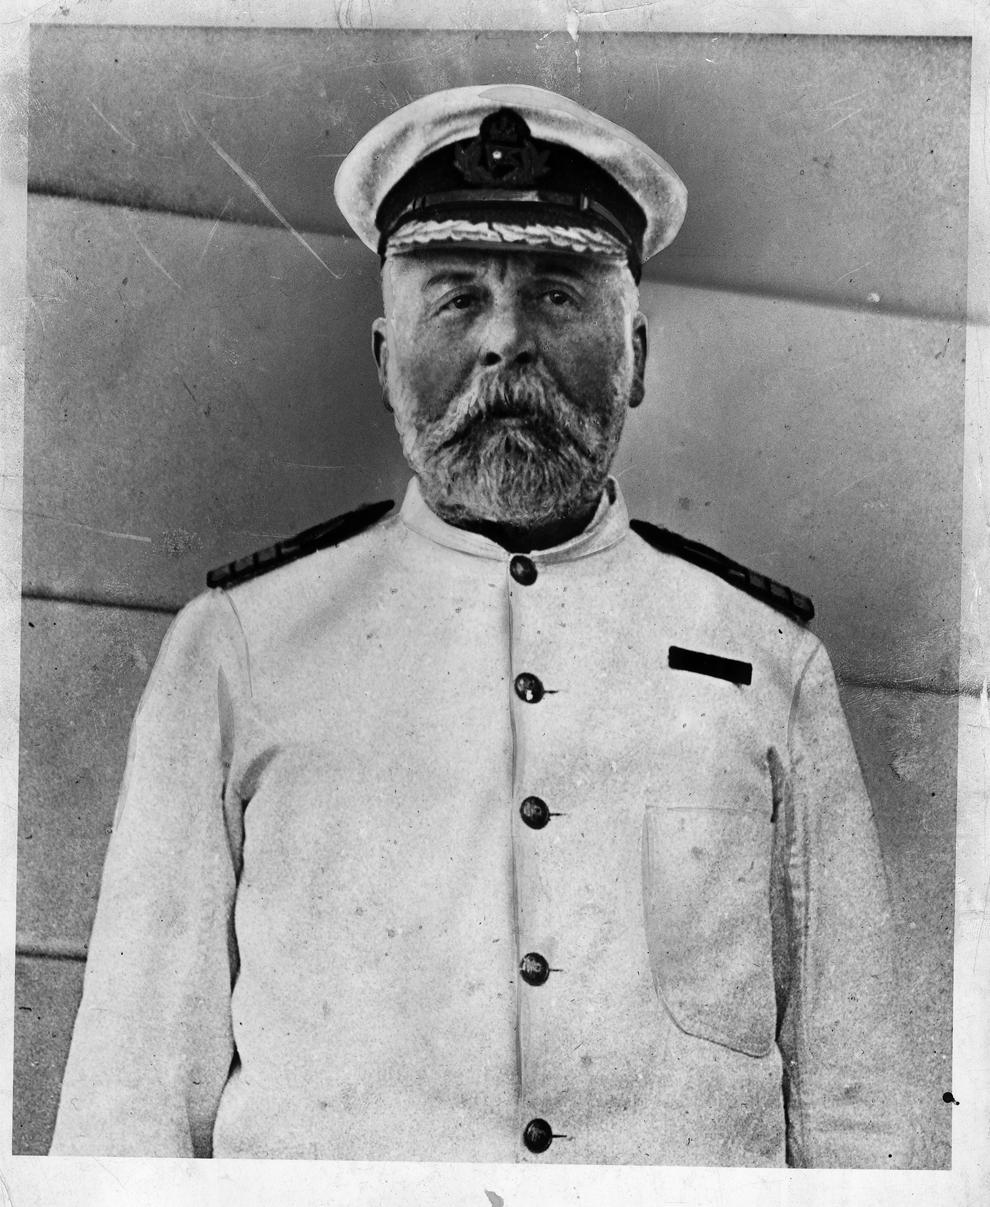 Il y a 100 ans, le naufrage du paquebot Titanic Bp7